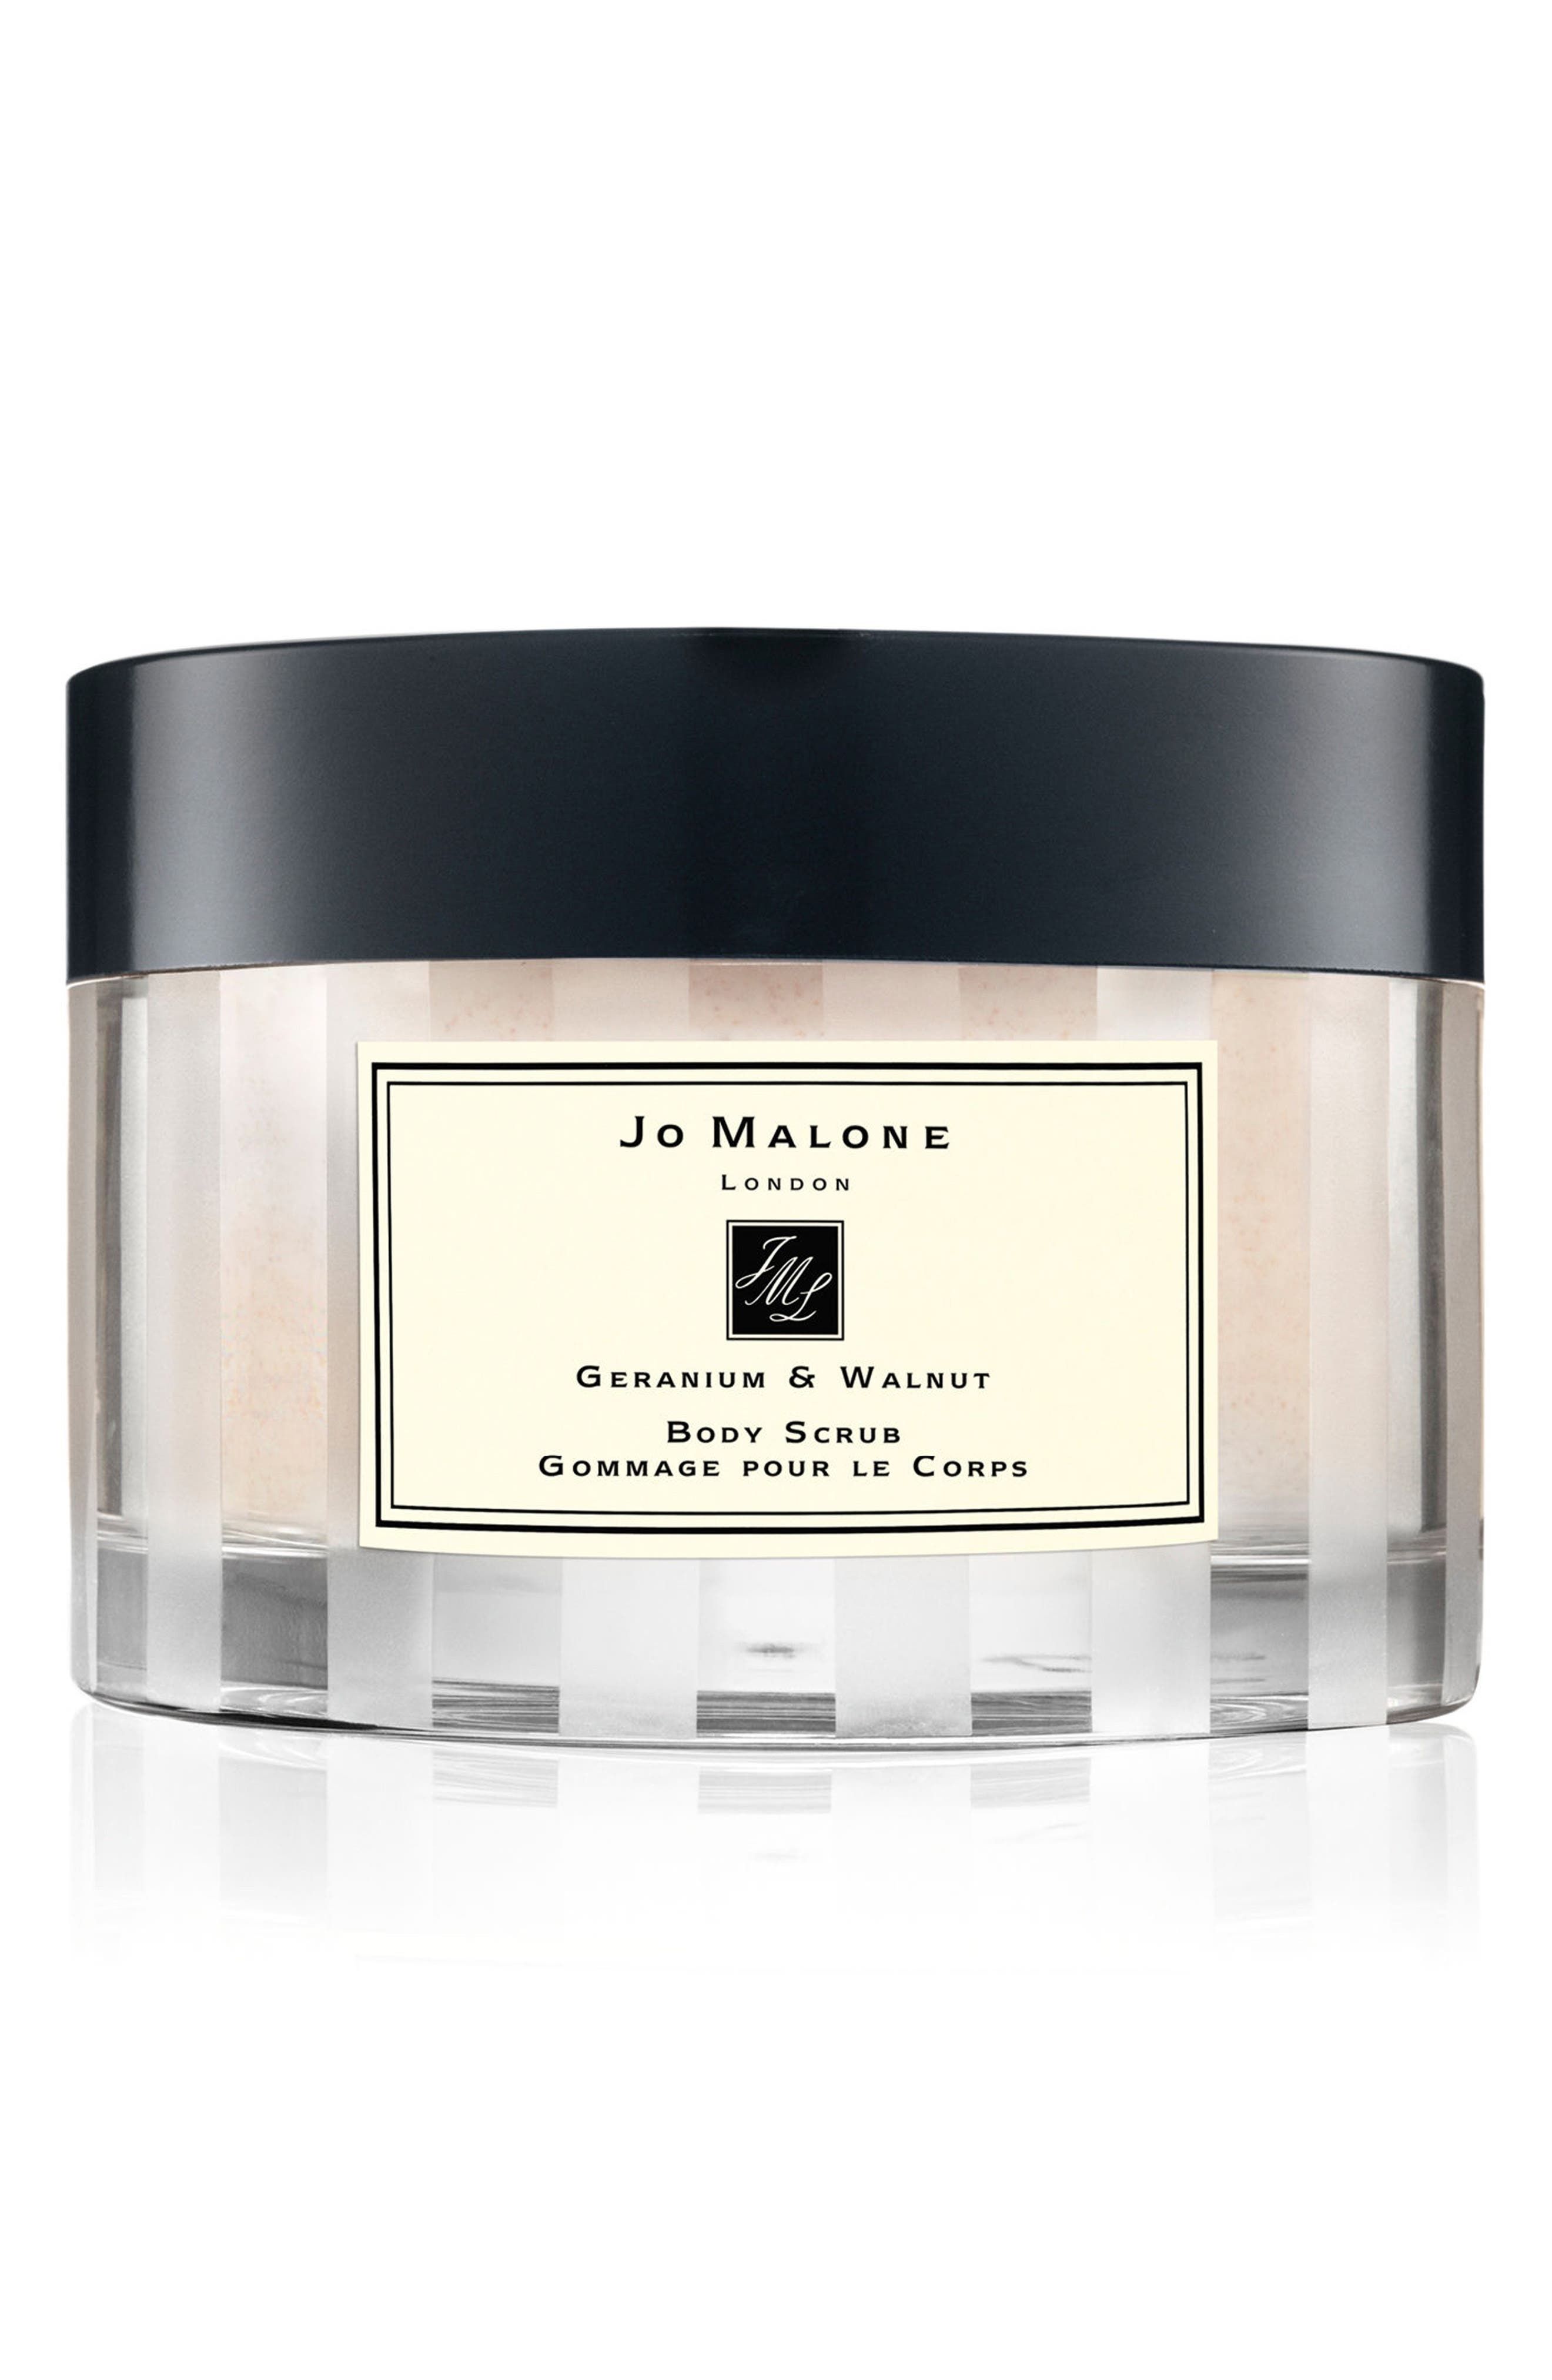 Jo Malone London™ Geranium & Walnut Body Scrub